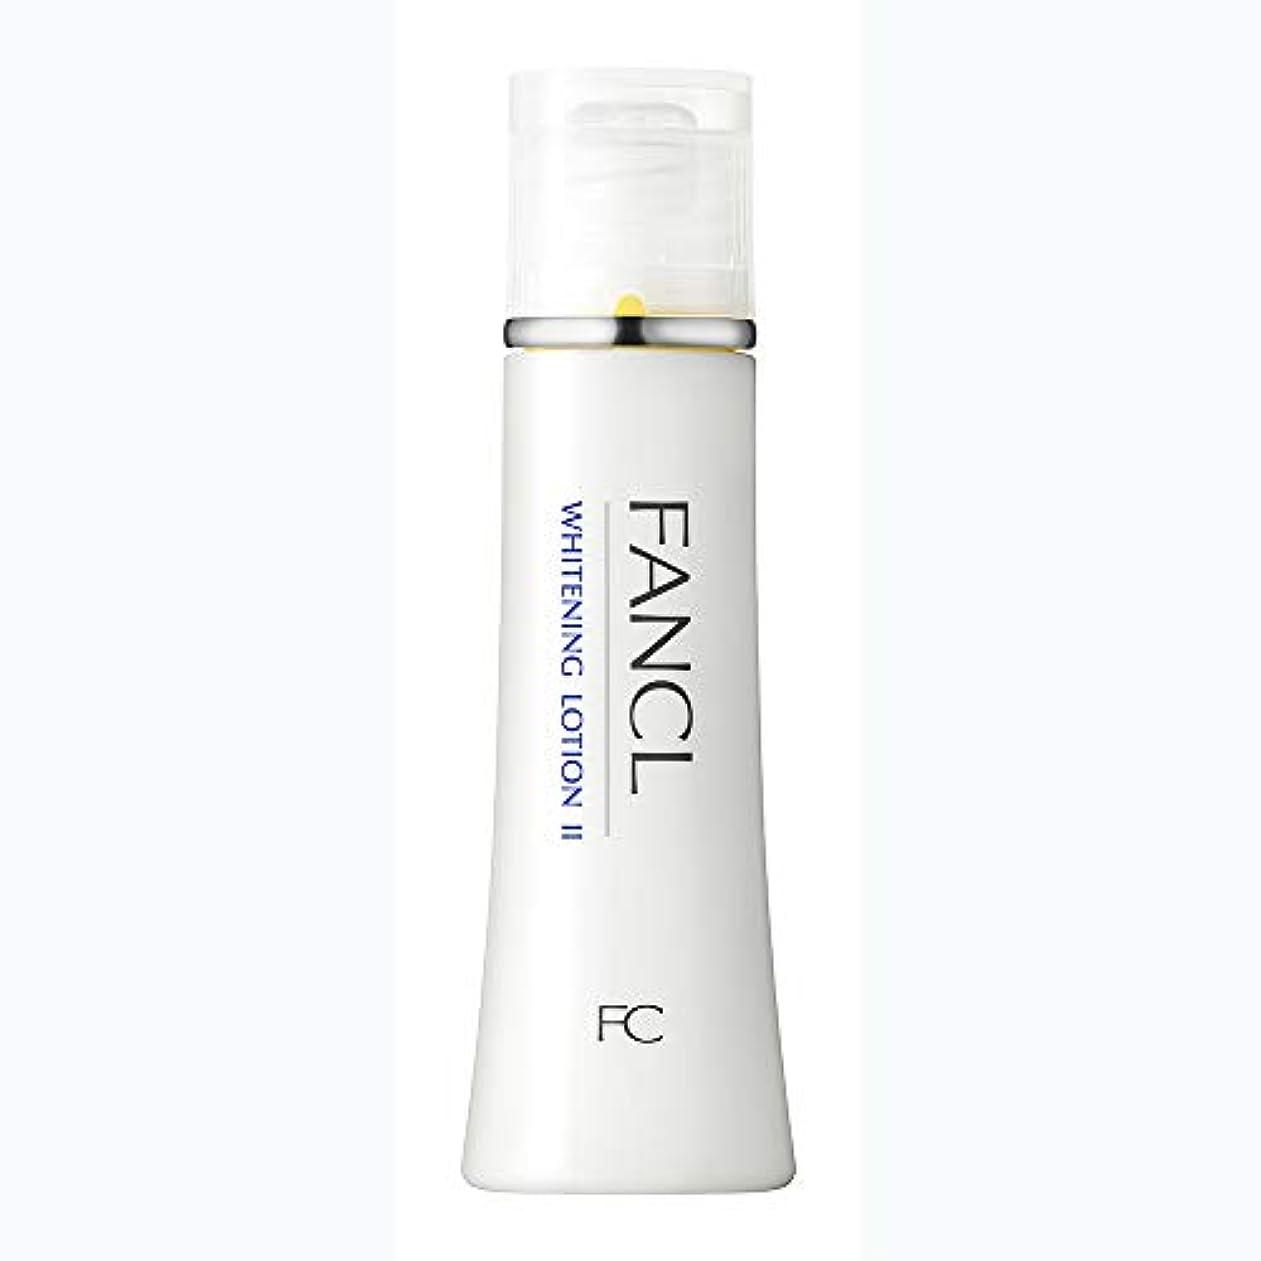 計器アサートスクリーチファンケル (FANCL) 新 ホワイトニング 化粧液 II しっとり 1本 30mL (約30日分)【医薬部外品】